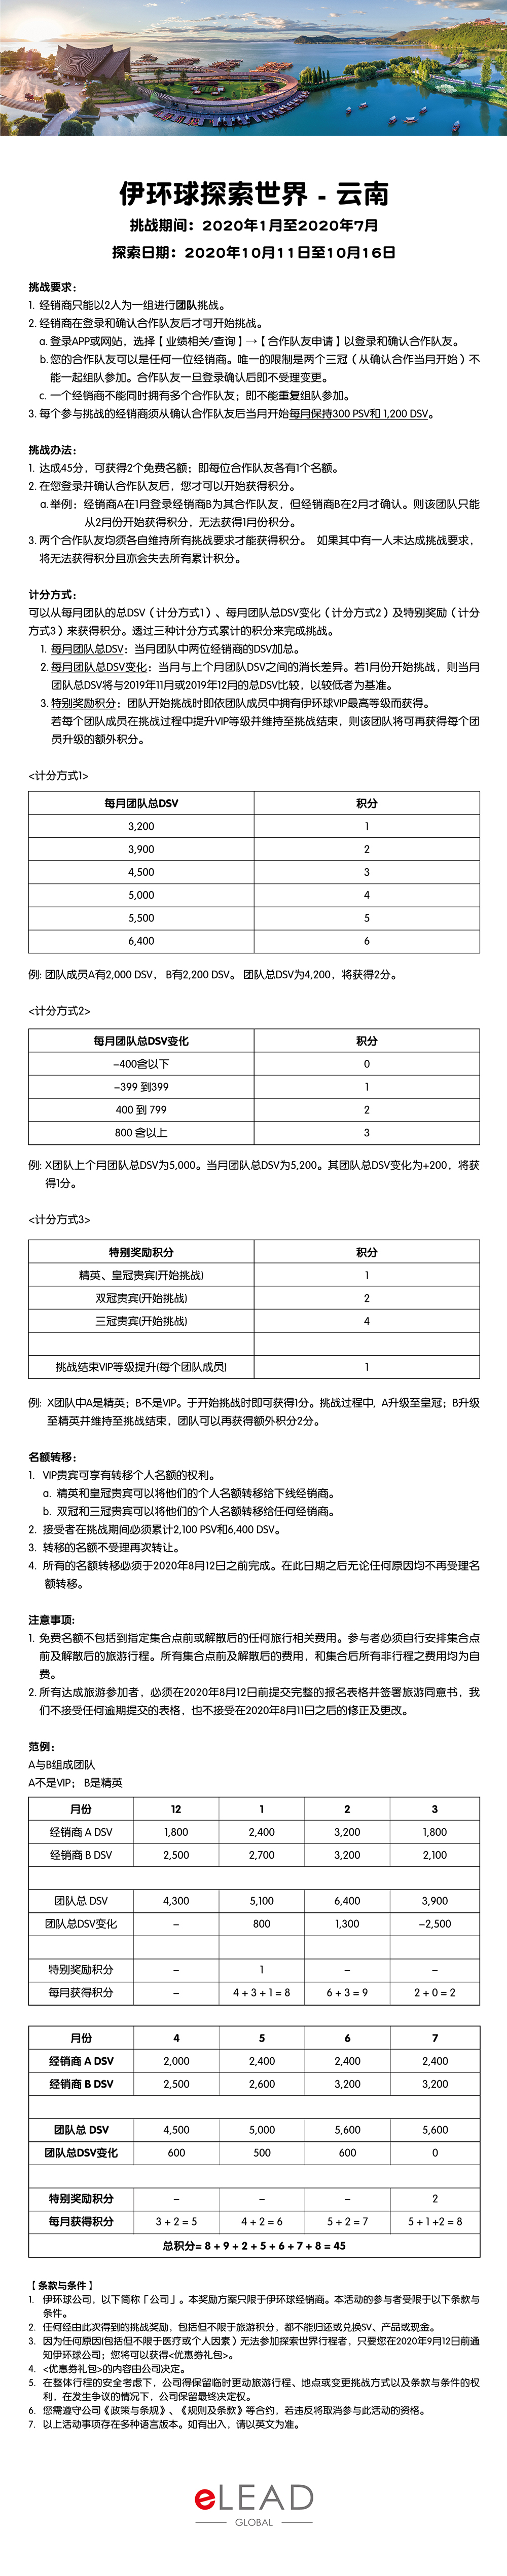 伊环球点击计划-2020云南探索